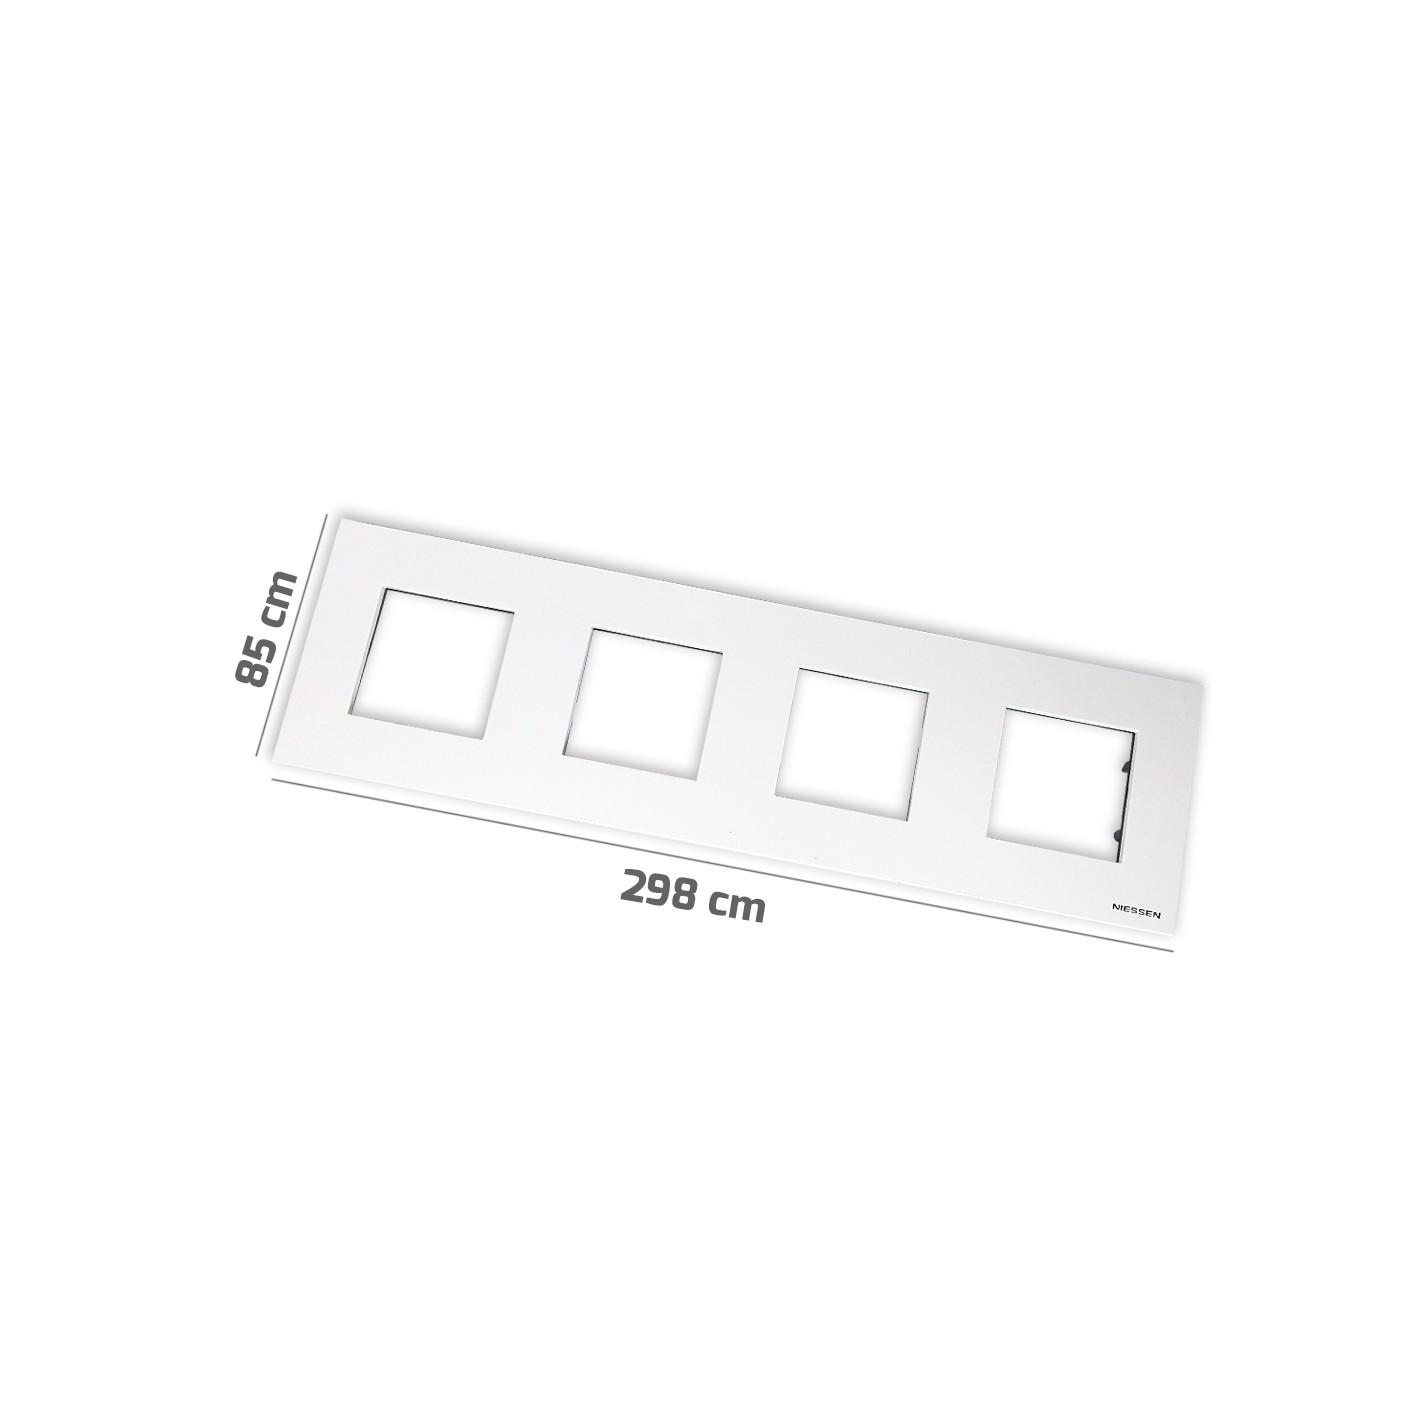 Marco b sico 4 ventanas 2 m dulos blanco zenit niessen - Mecanismos niessen zenit ...